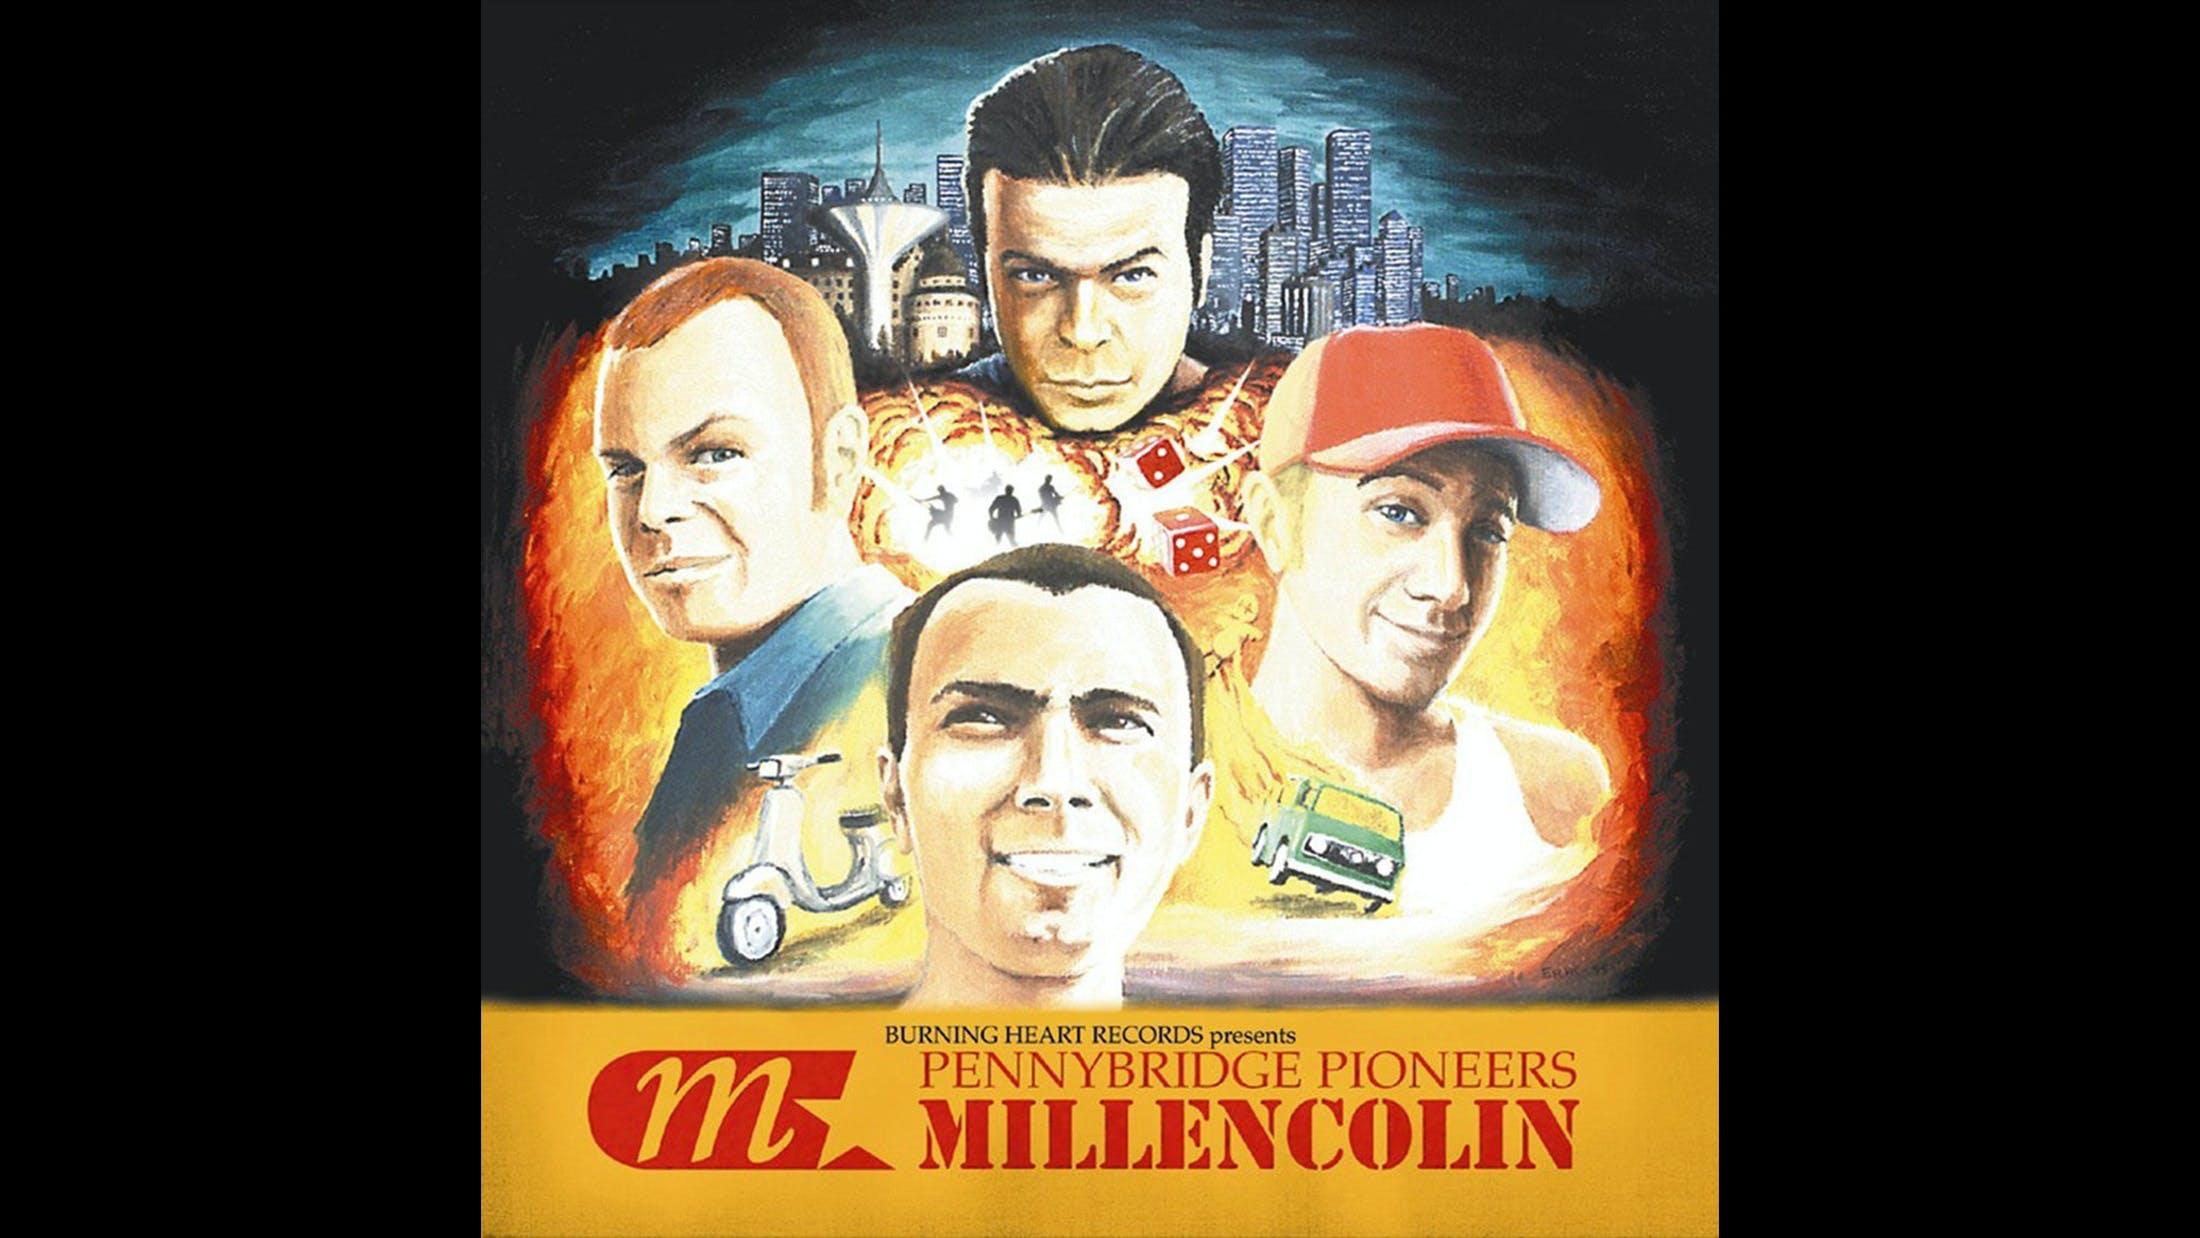 33. Millencolin - Pennybridge Pioneers (2000)